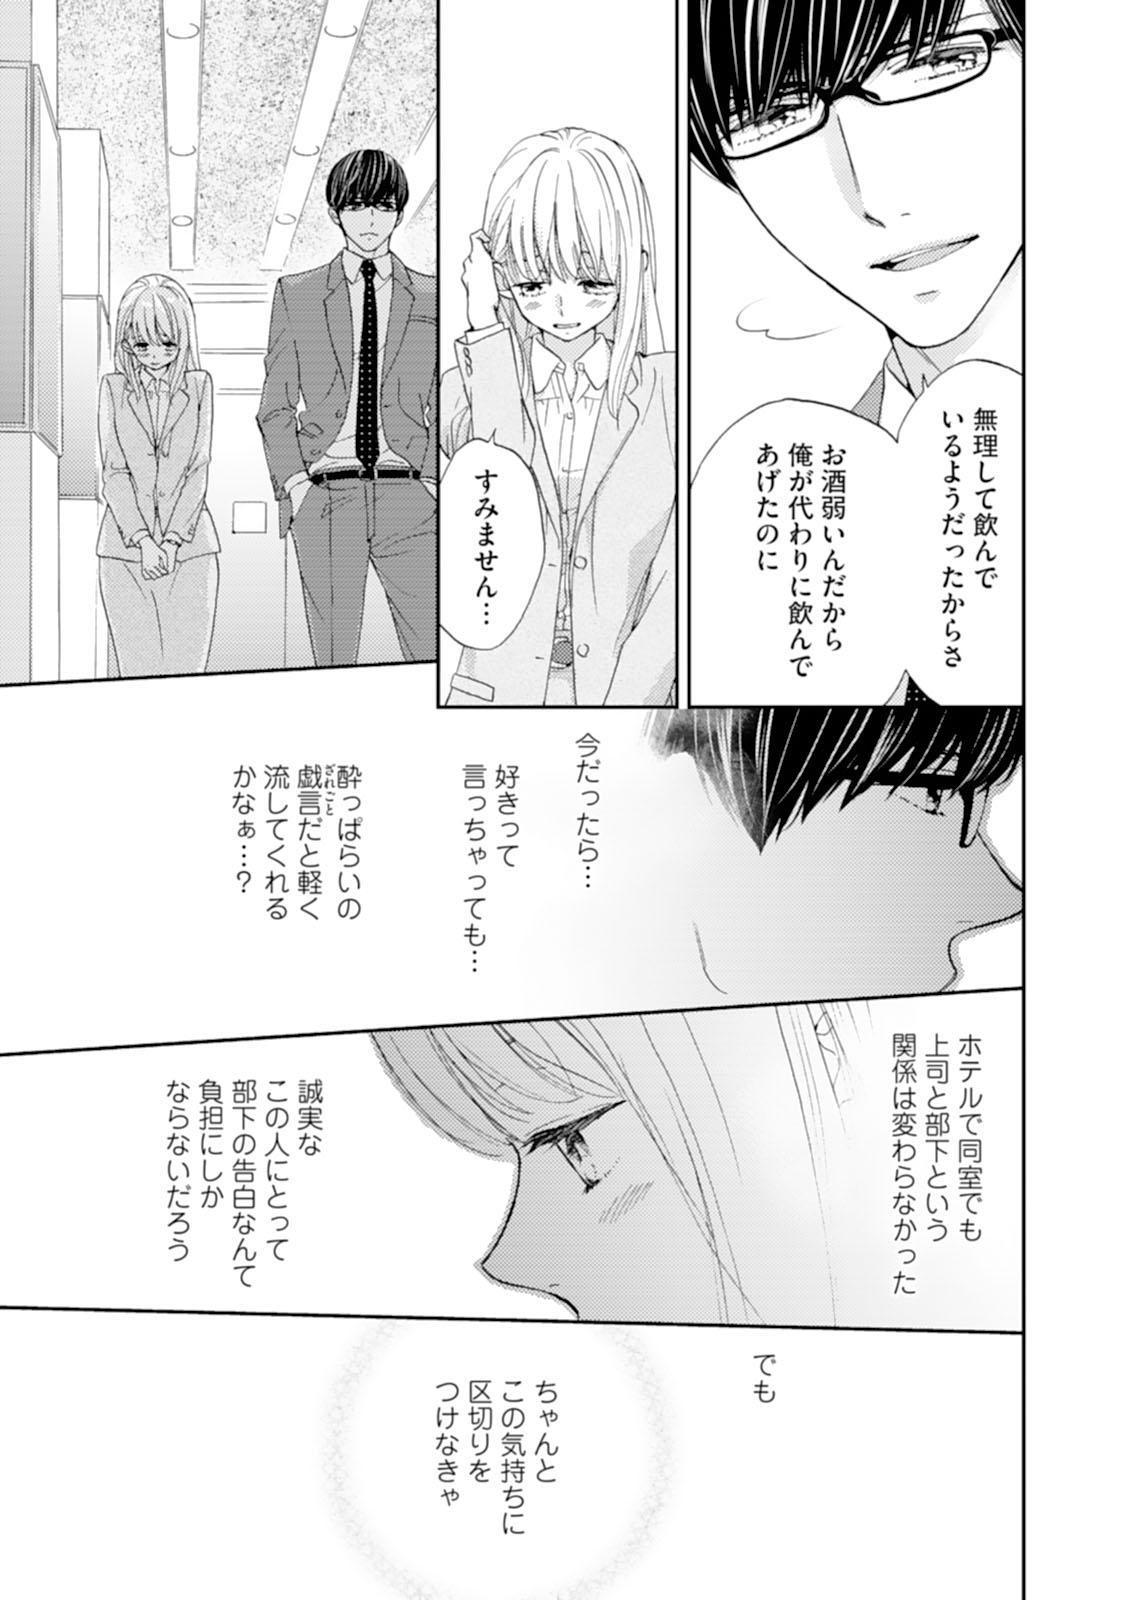 [Adumi Yuu] Choukyou-kei Danshi Ookami-sama to Koneko-chan Ch. 1-3 31